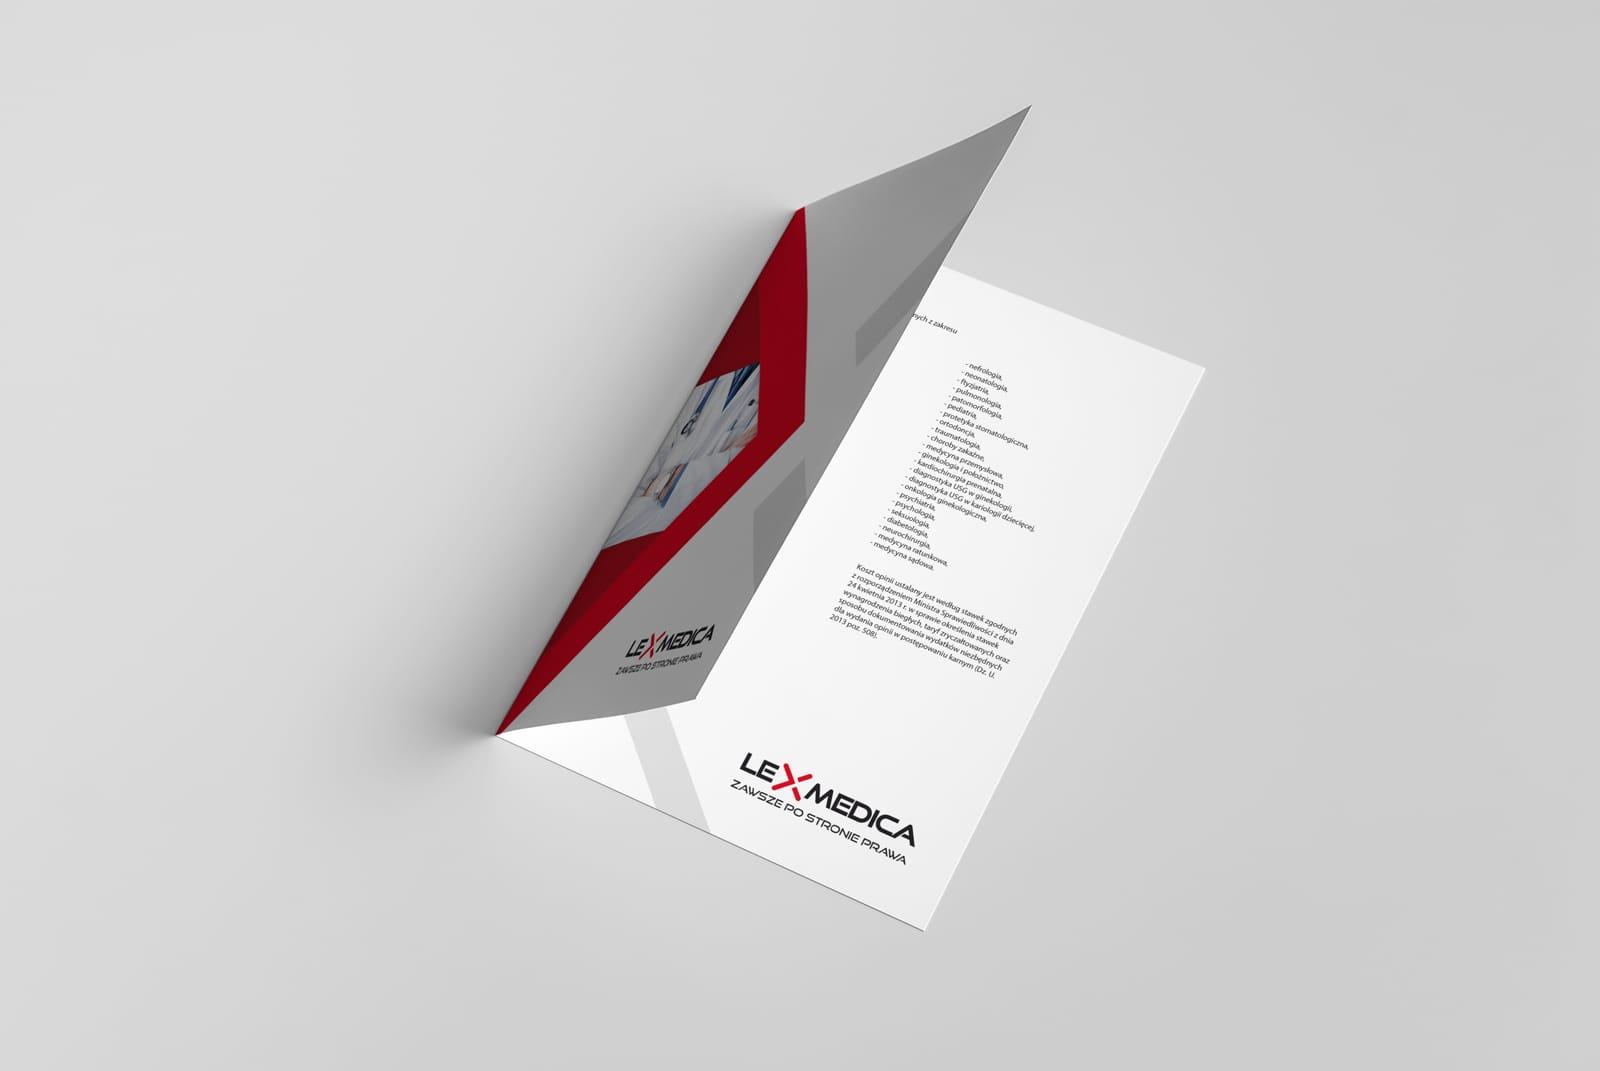 Lexmedica identyfikacja wizualna ulotki informacyjne papiery firmowe akcydensy projektowanie logo firmy nowoczesne responsywne strony internetowe Agencja brandingowa Moweli Creative